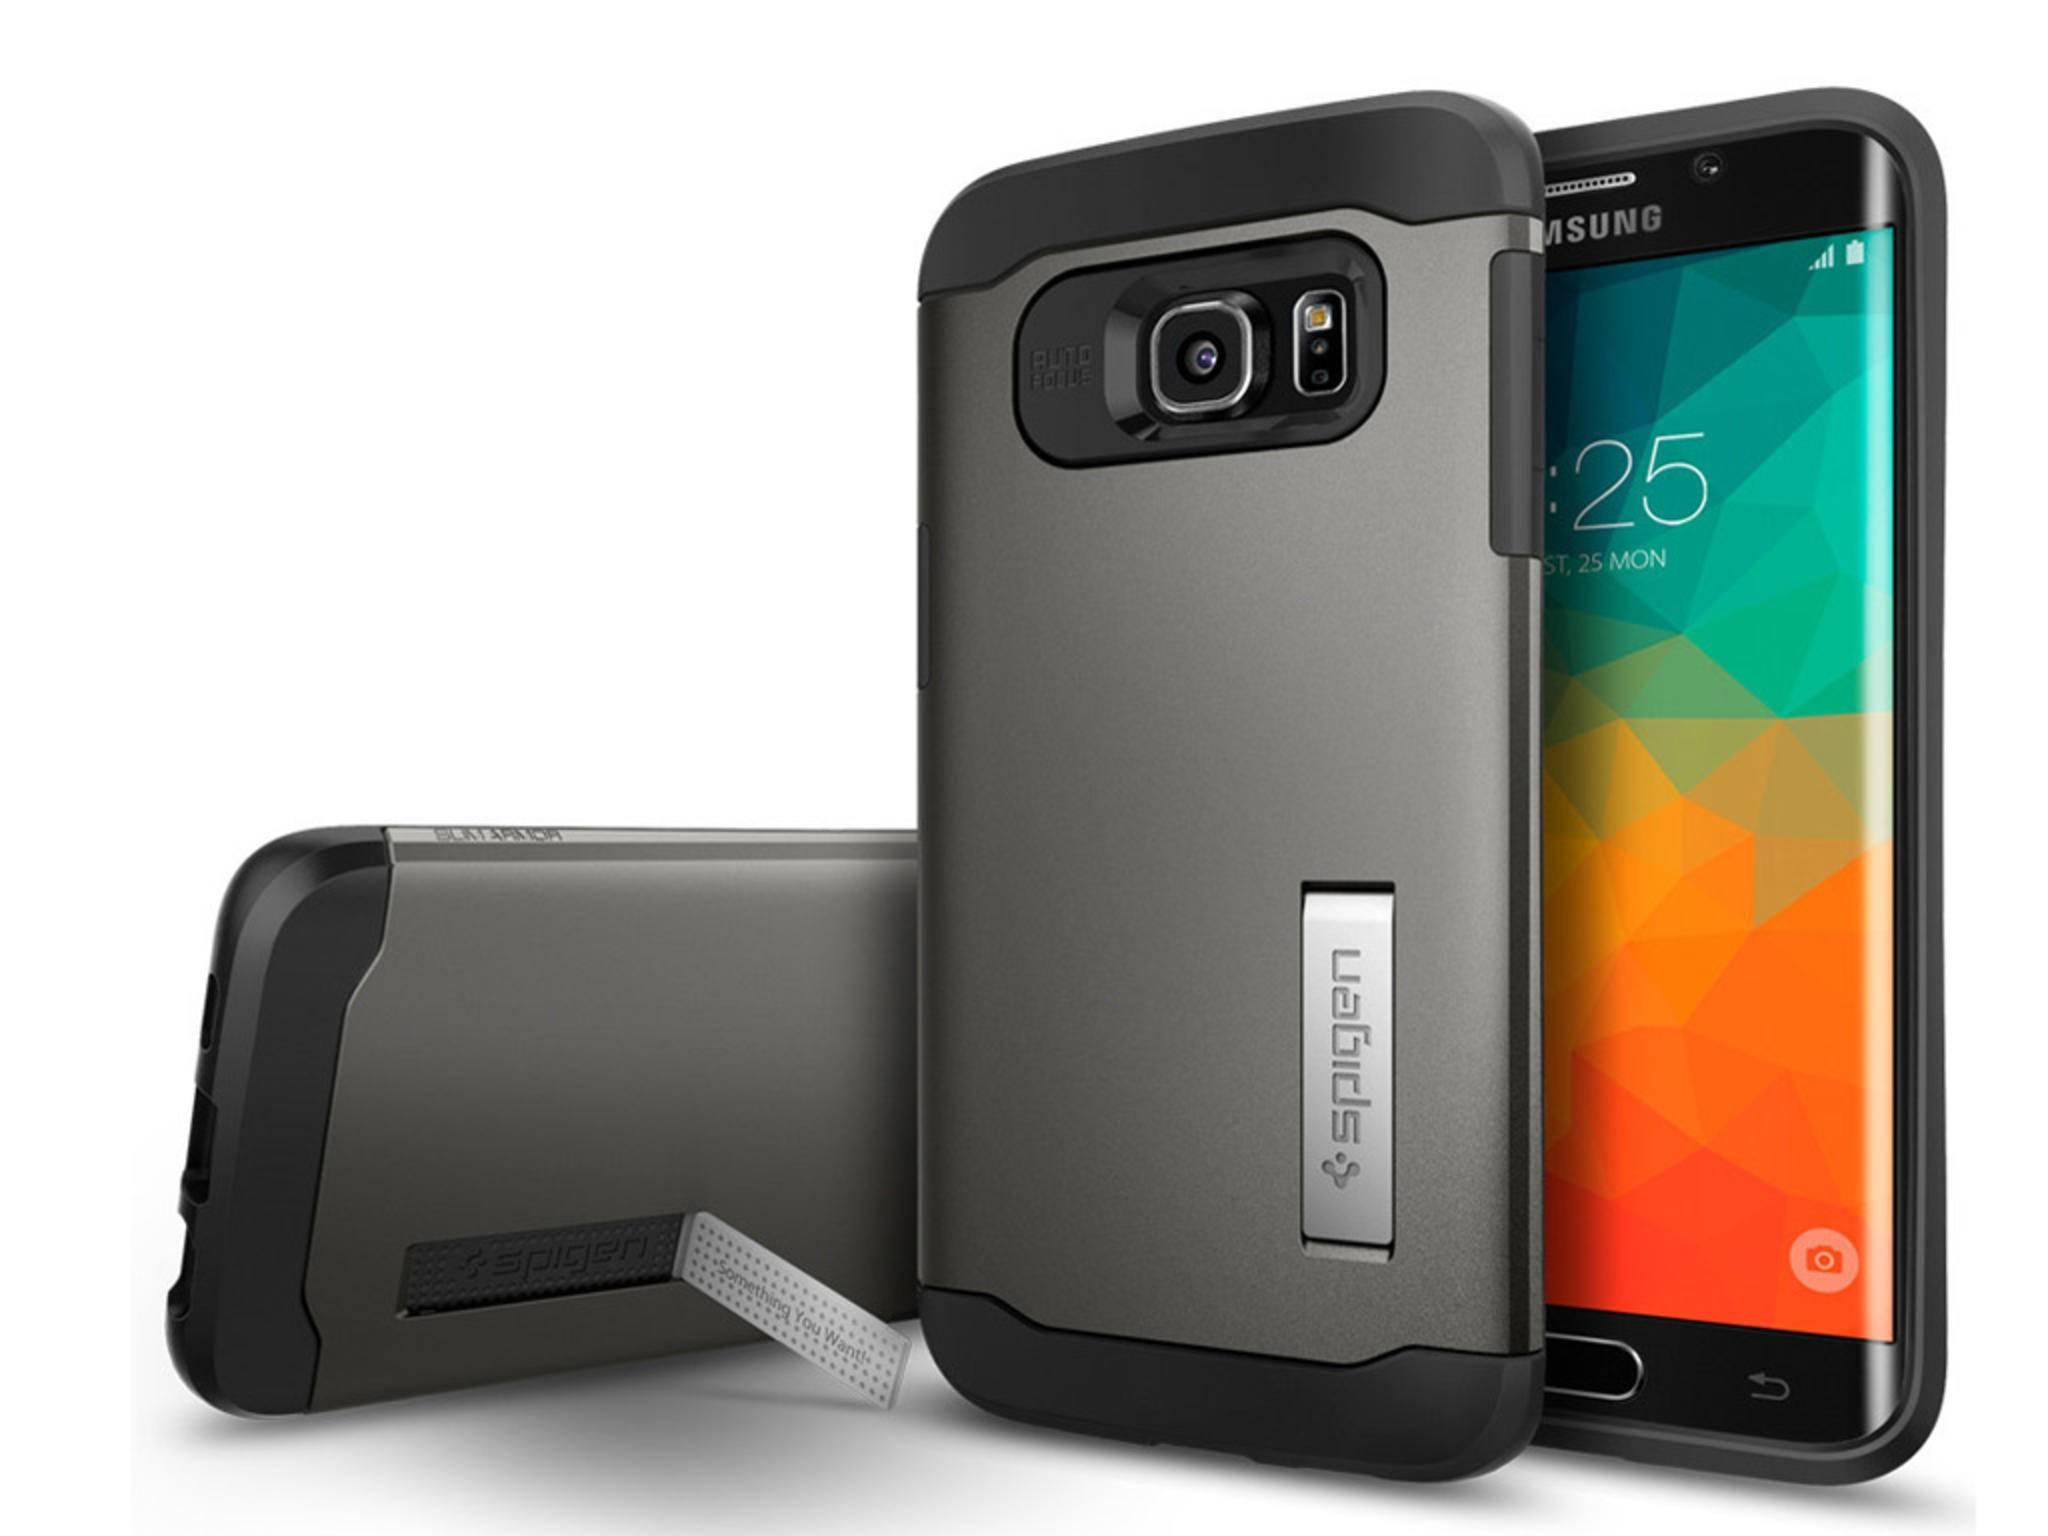 Das Galaxy S6 Edge+ wird wahrscheinlich auf dem Galaxy Unpacked-Event am 13. August enthüllt.